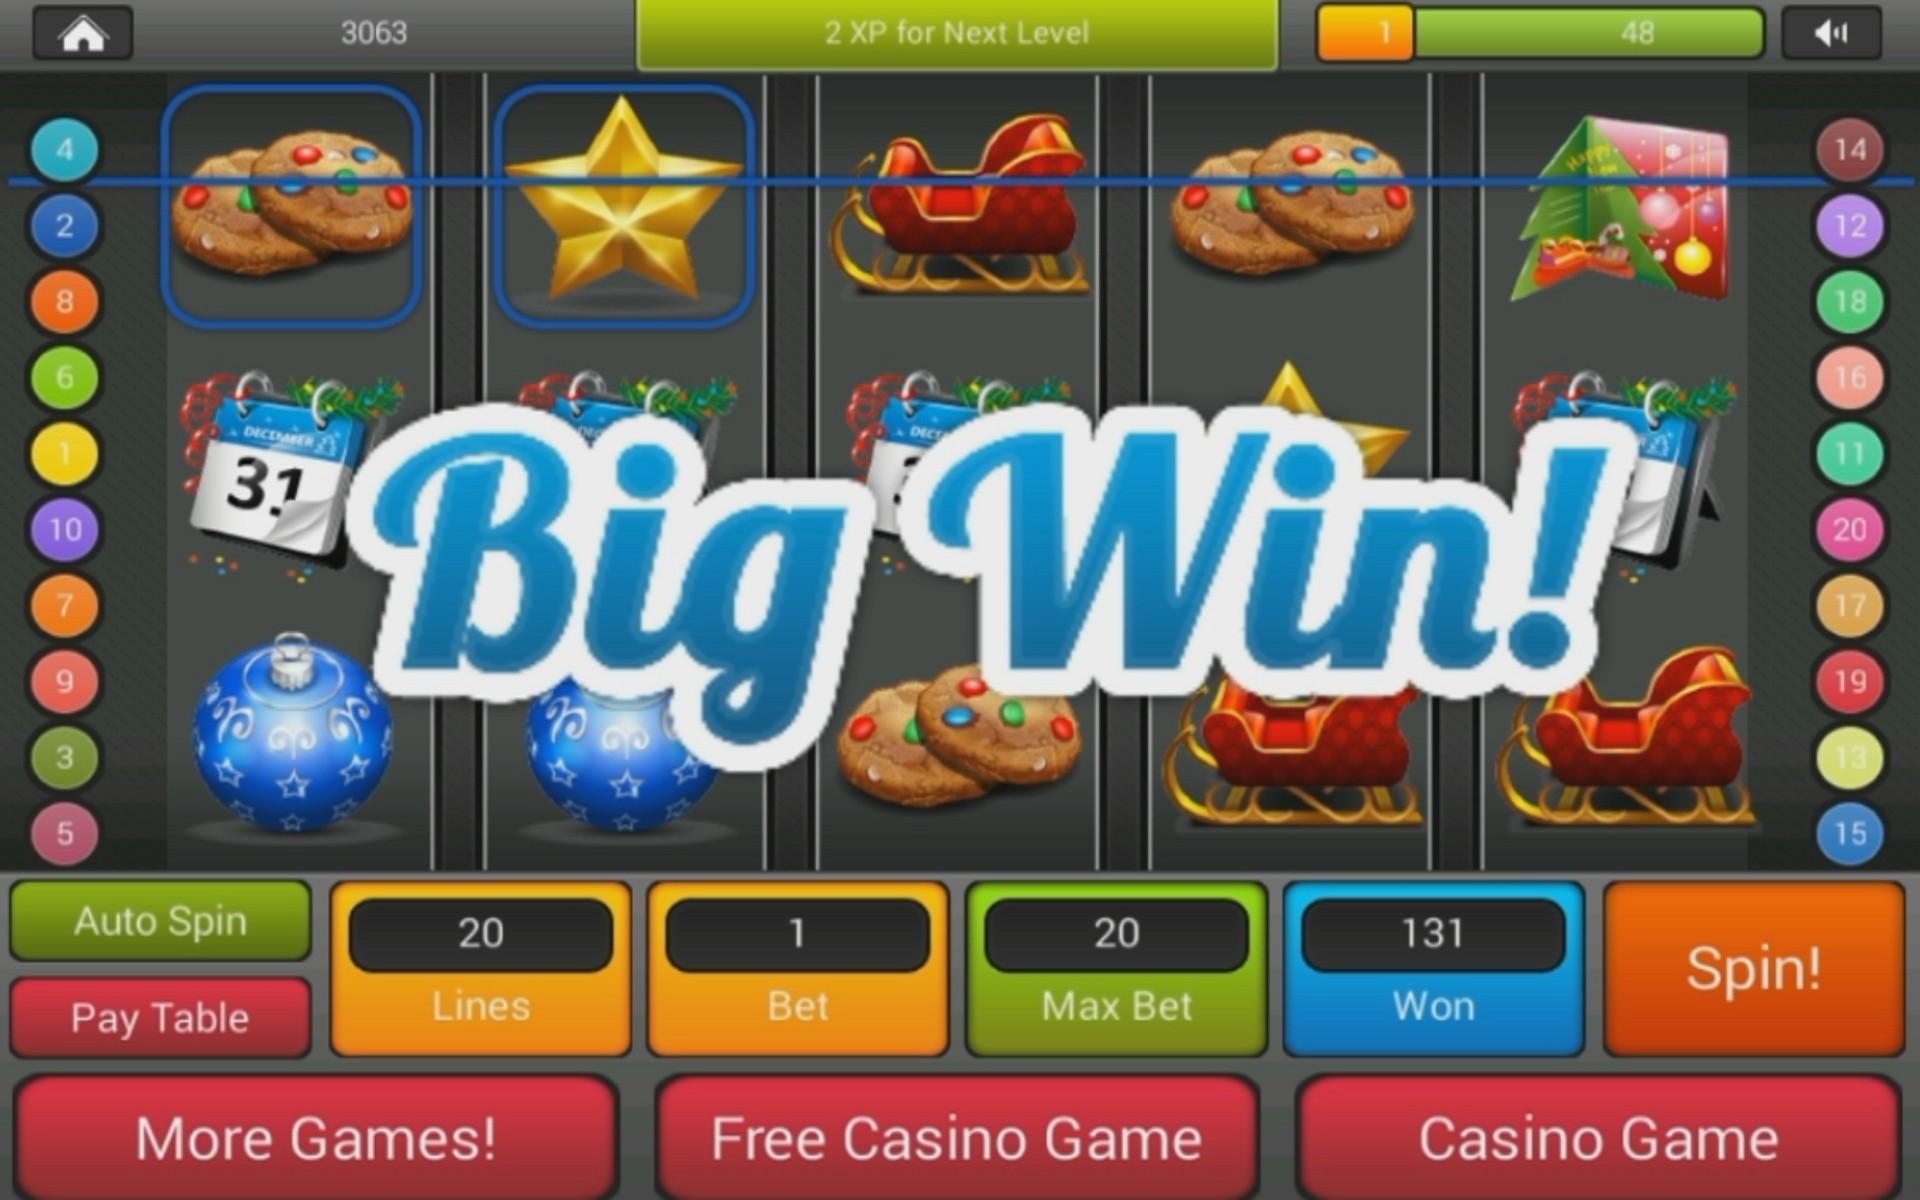 Juegos para casinos android cuenta atrás 884774